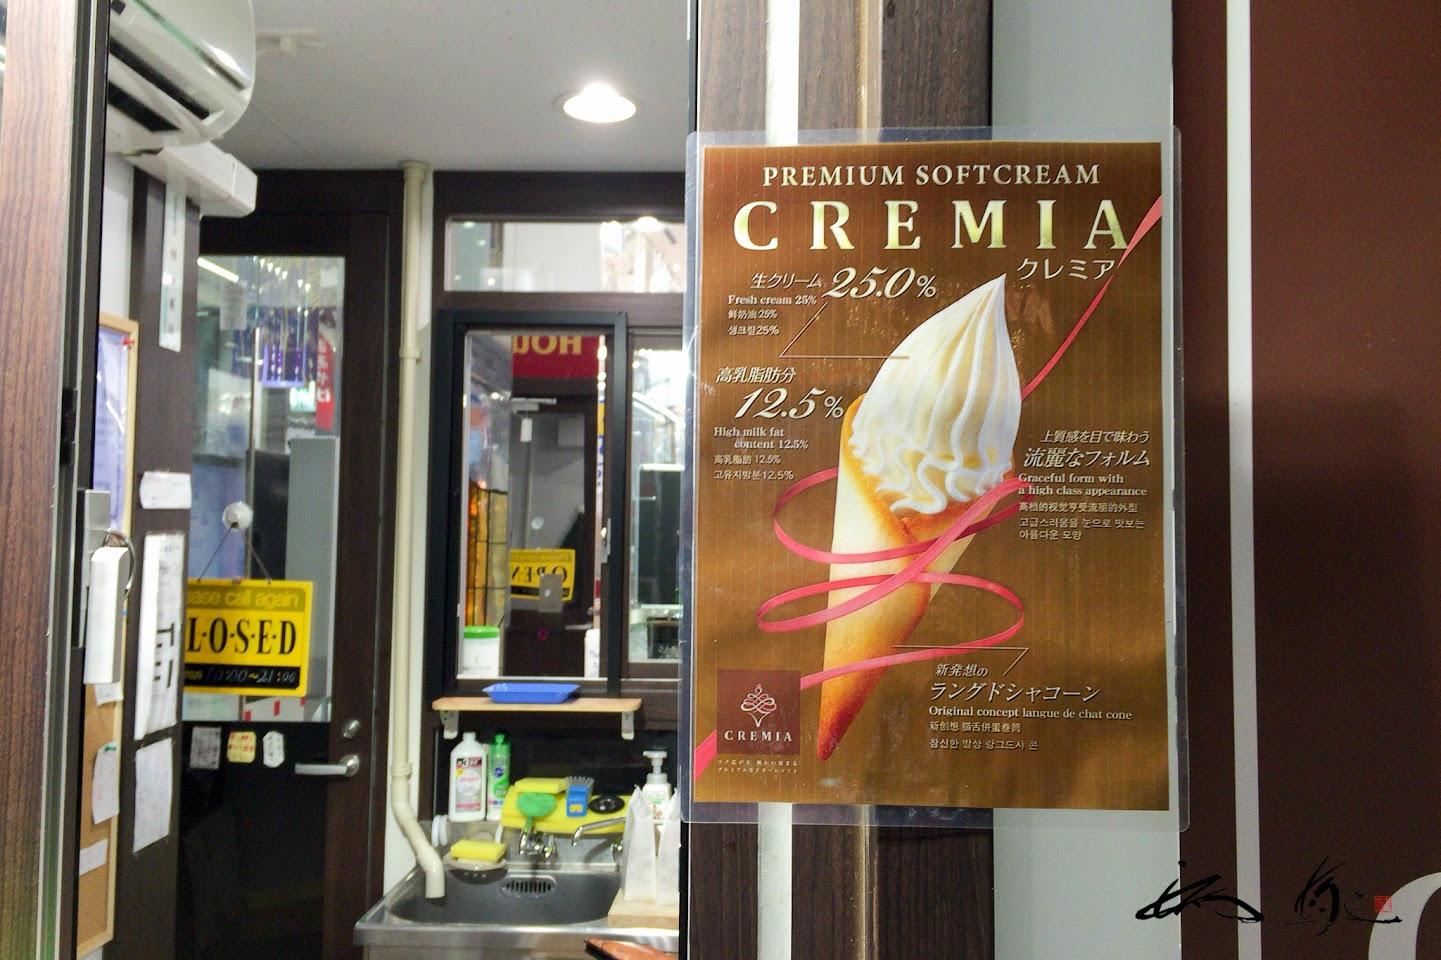 CREMIA(クレミア)のポスター